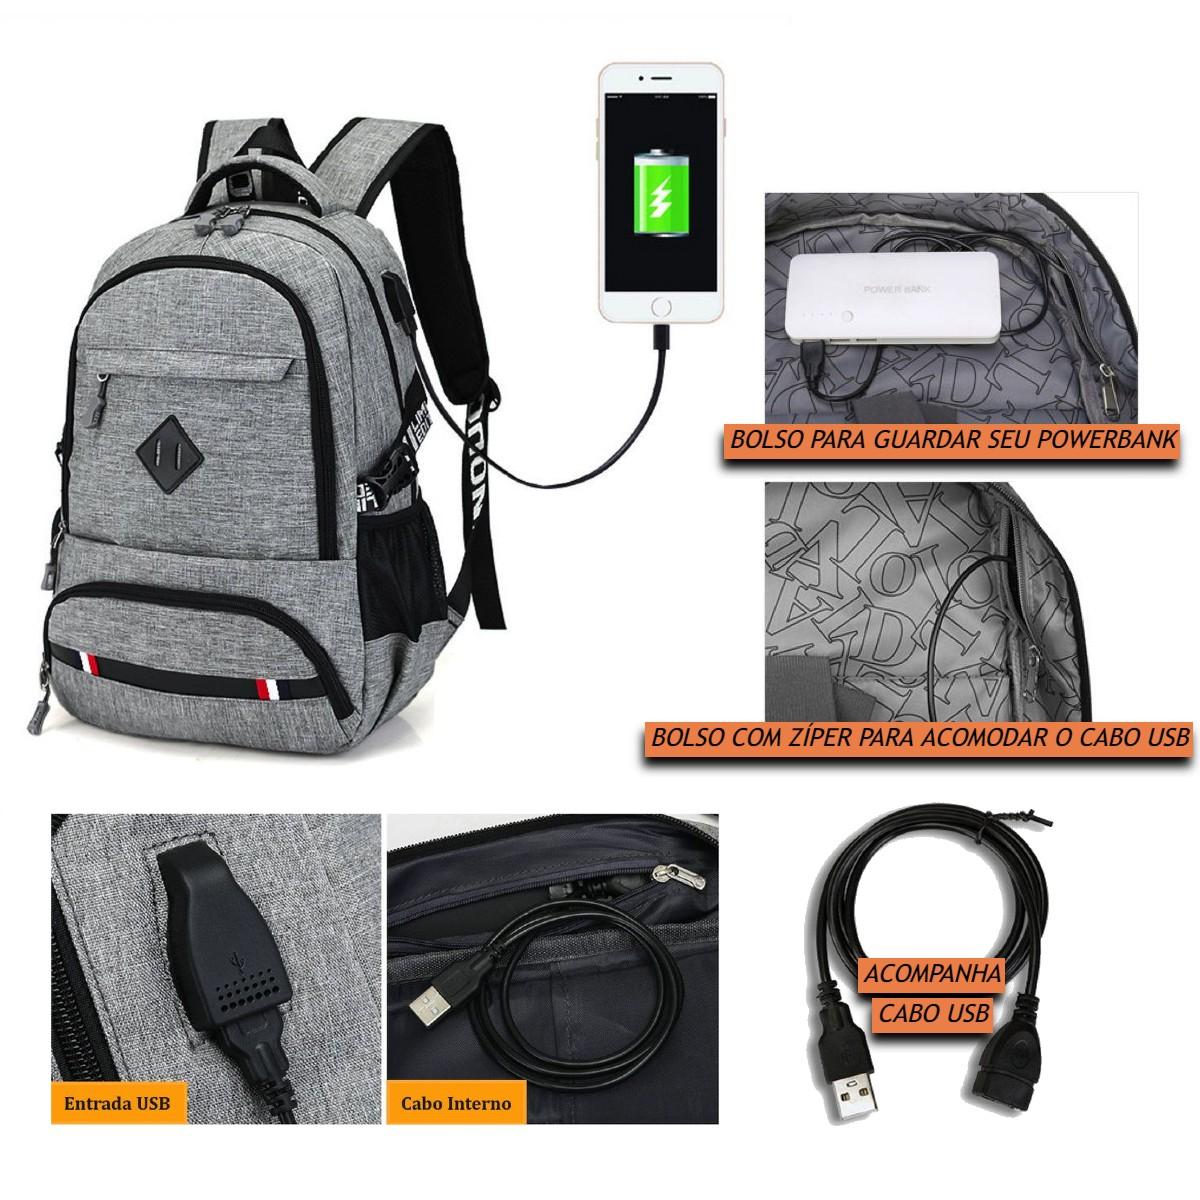 Mochila Escolar Universitária Casual com entrada USB Masculina e Feminina com Bolsos Internos e Compartimento para Notebooks de Até 15.6 Polegadas